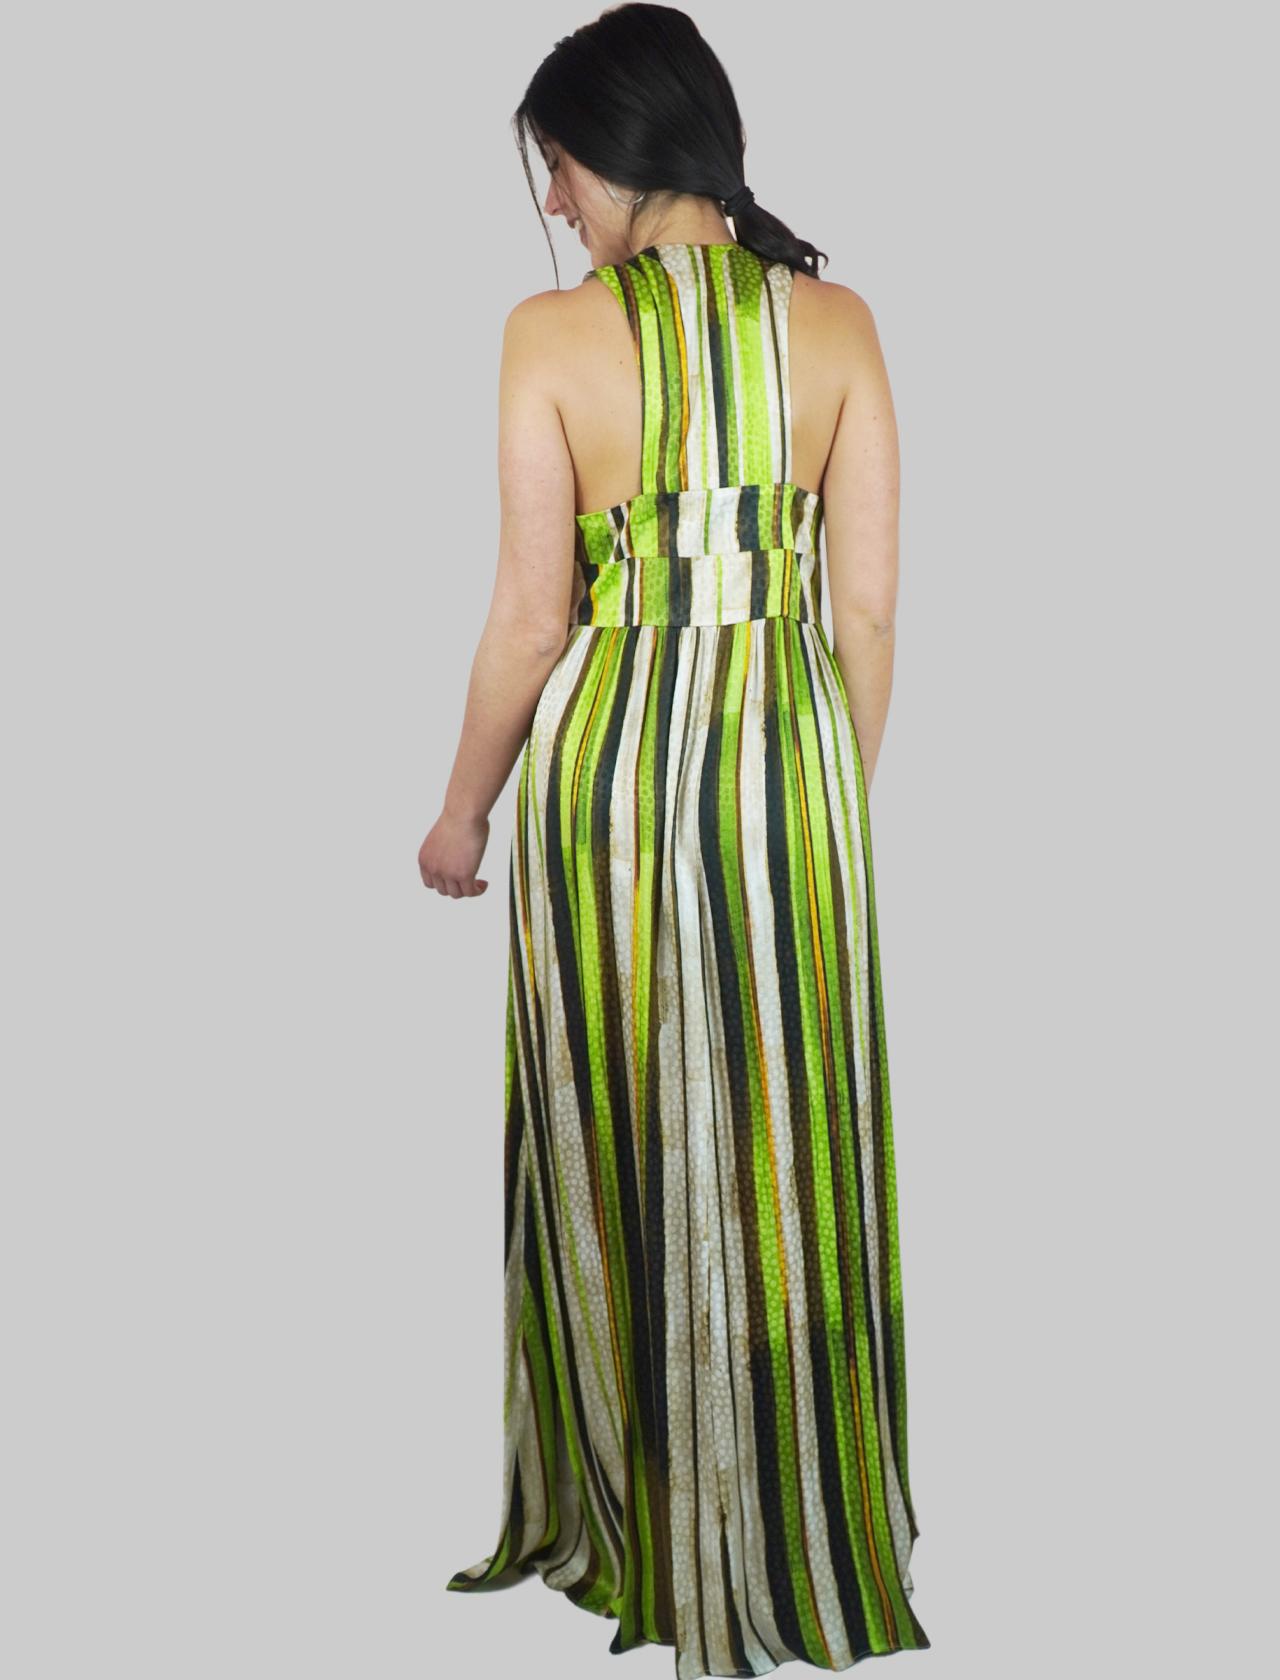 Abbigliamento Donna Abito Lungo Senza Maniche Stripes Jacquard a Fantasia Verde e Naturale Maliparmi   Abiti   JF642150557C6022